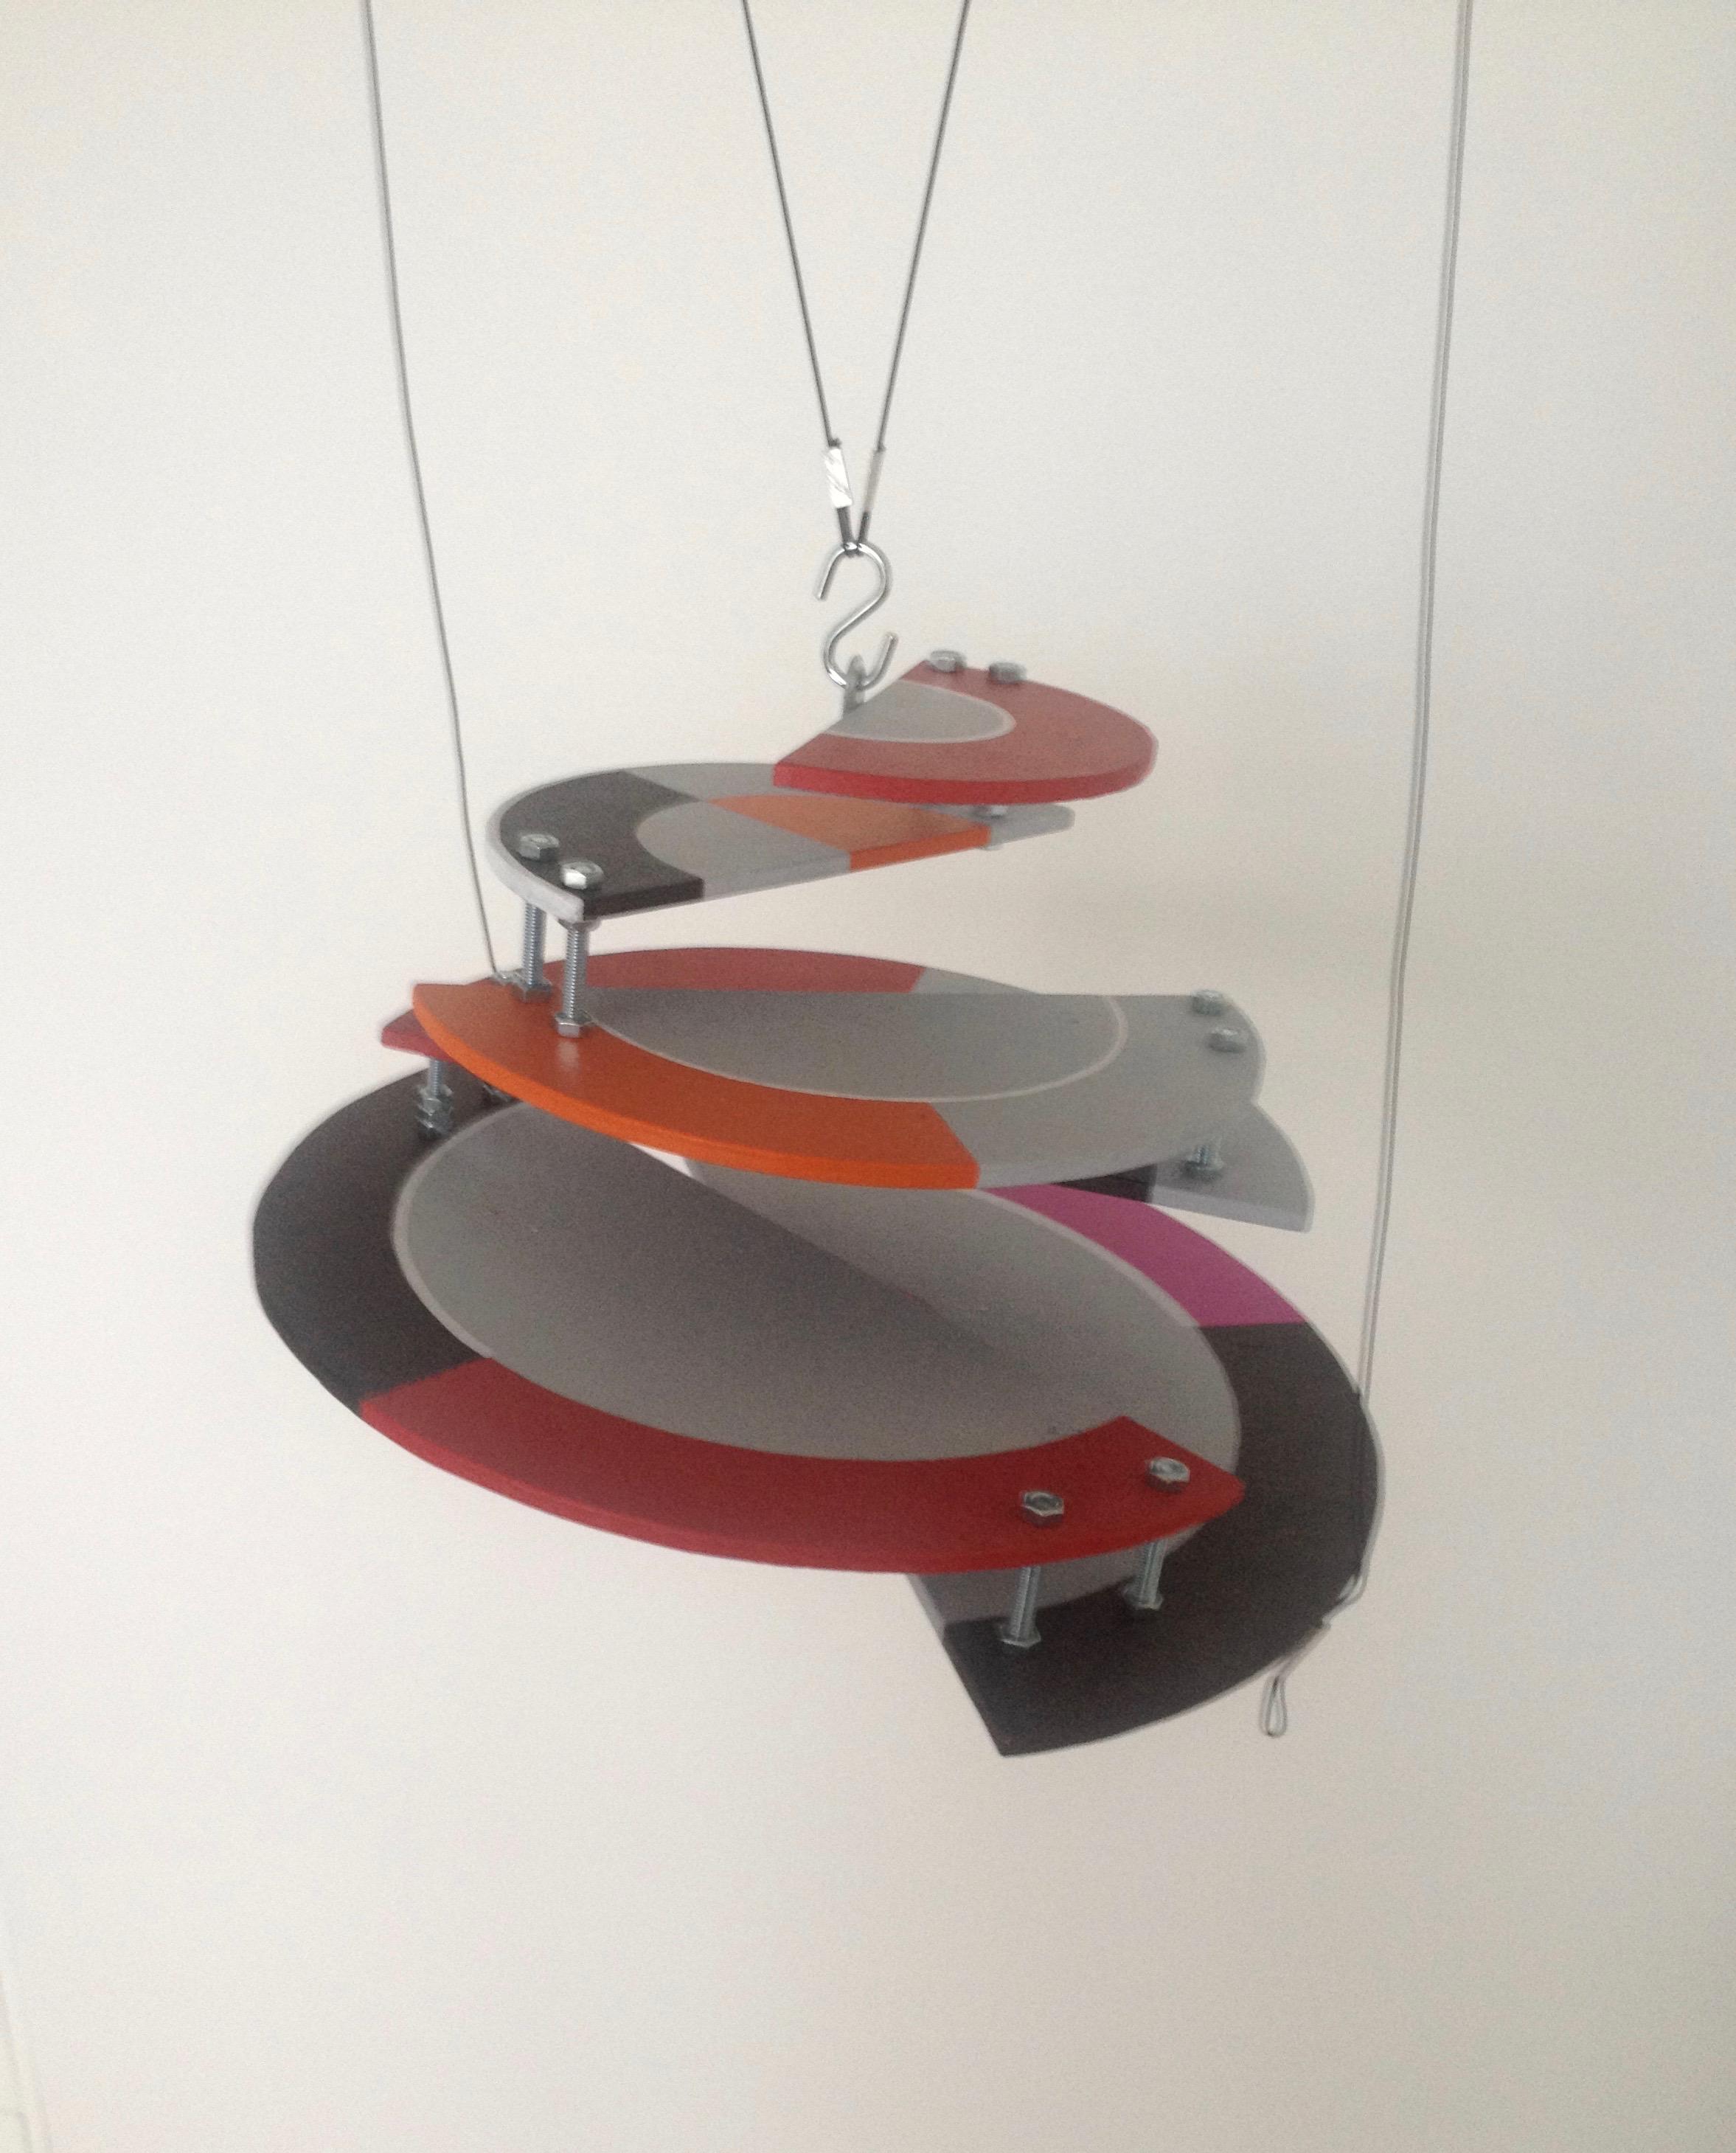 """2014 Mobil """"Konstruktivistisk gungning"""", detalj"""